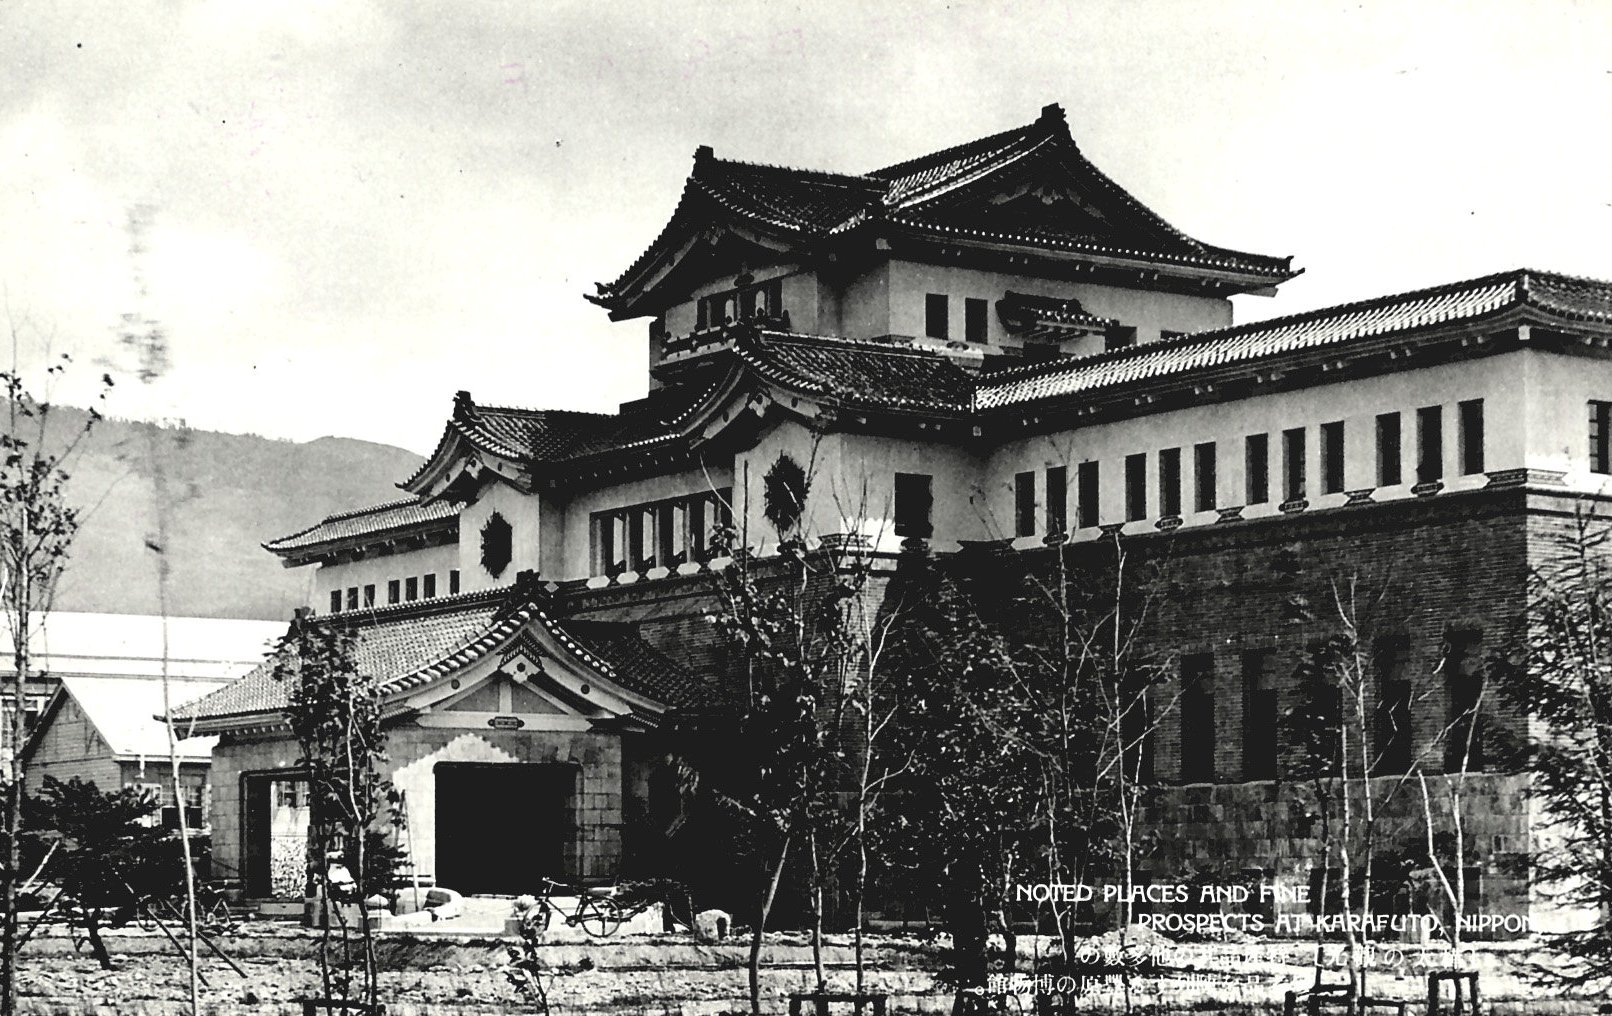 Музей для демонстрации коллекций по естественной истории Карафуто.